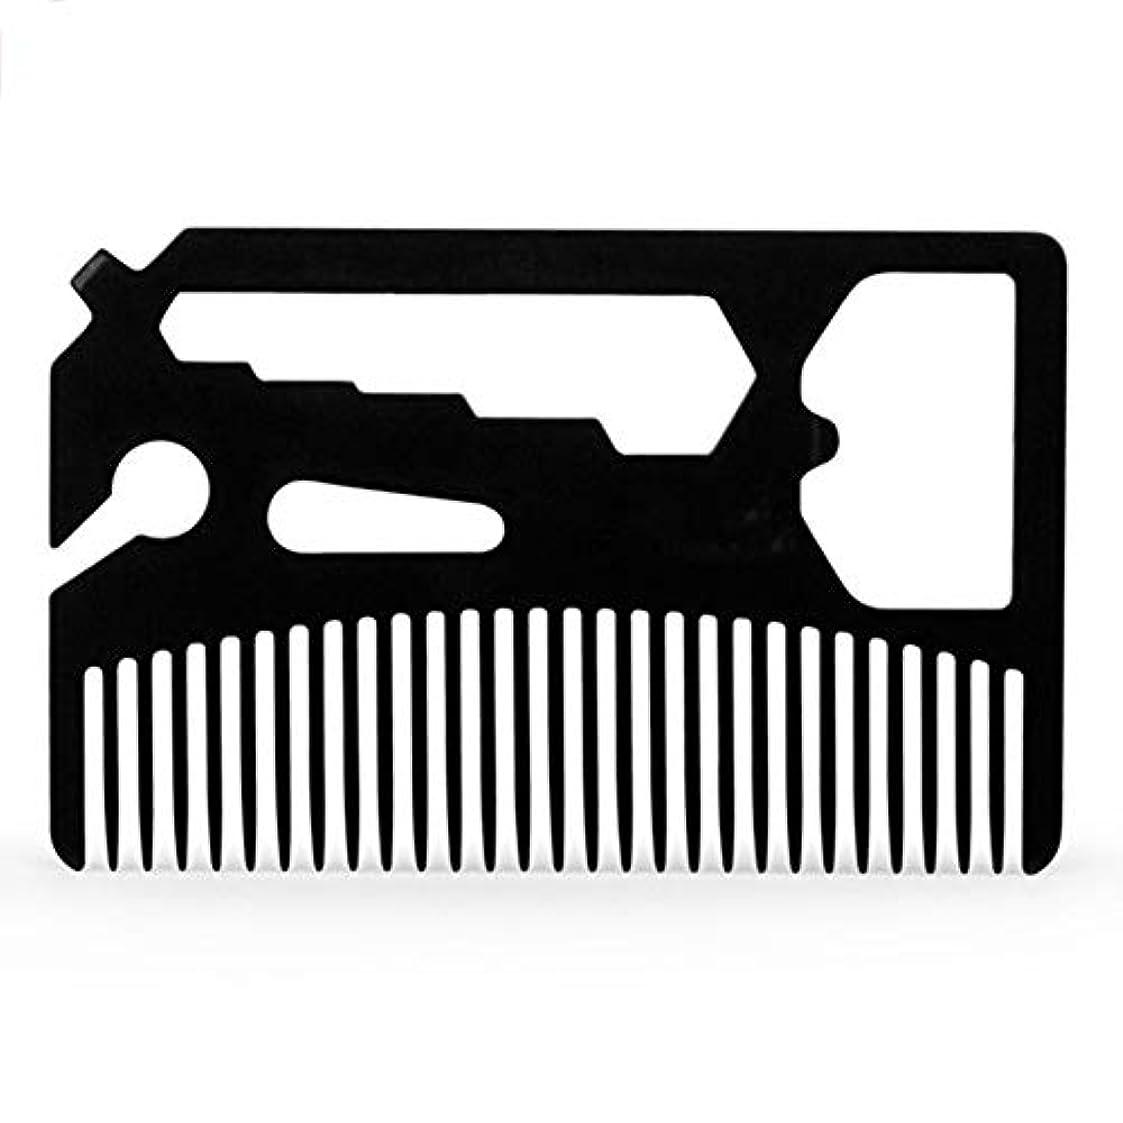 パブ乳製品離婚ACHICOO 多機能ヘアブラシ ひげくし ステンレス鋼 栓抜き 髭櫛 金属 プラスチック 折りたたみ 男性 髪髭トリムツール 黒